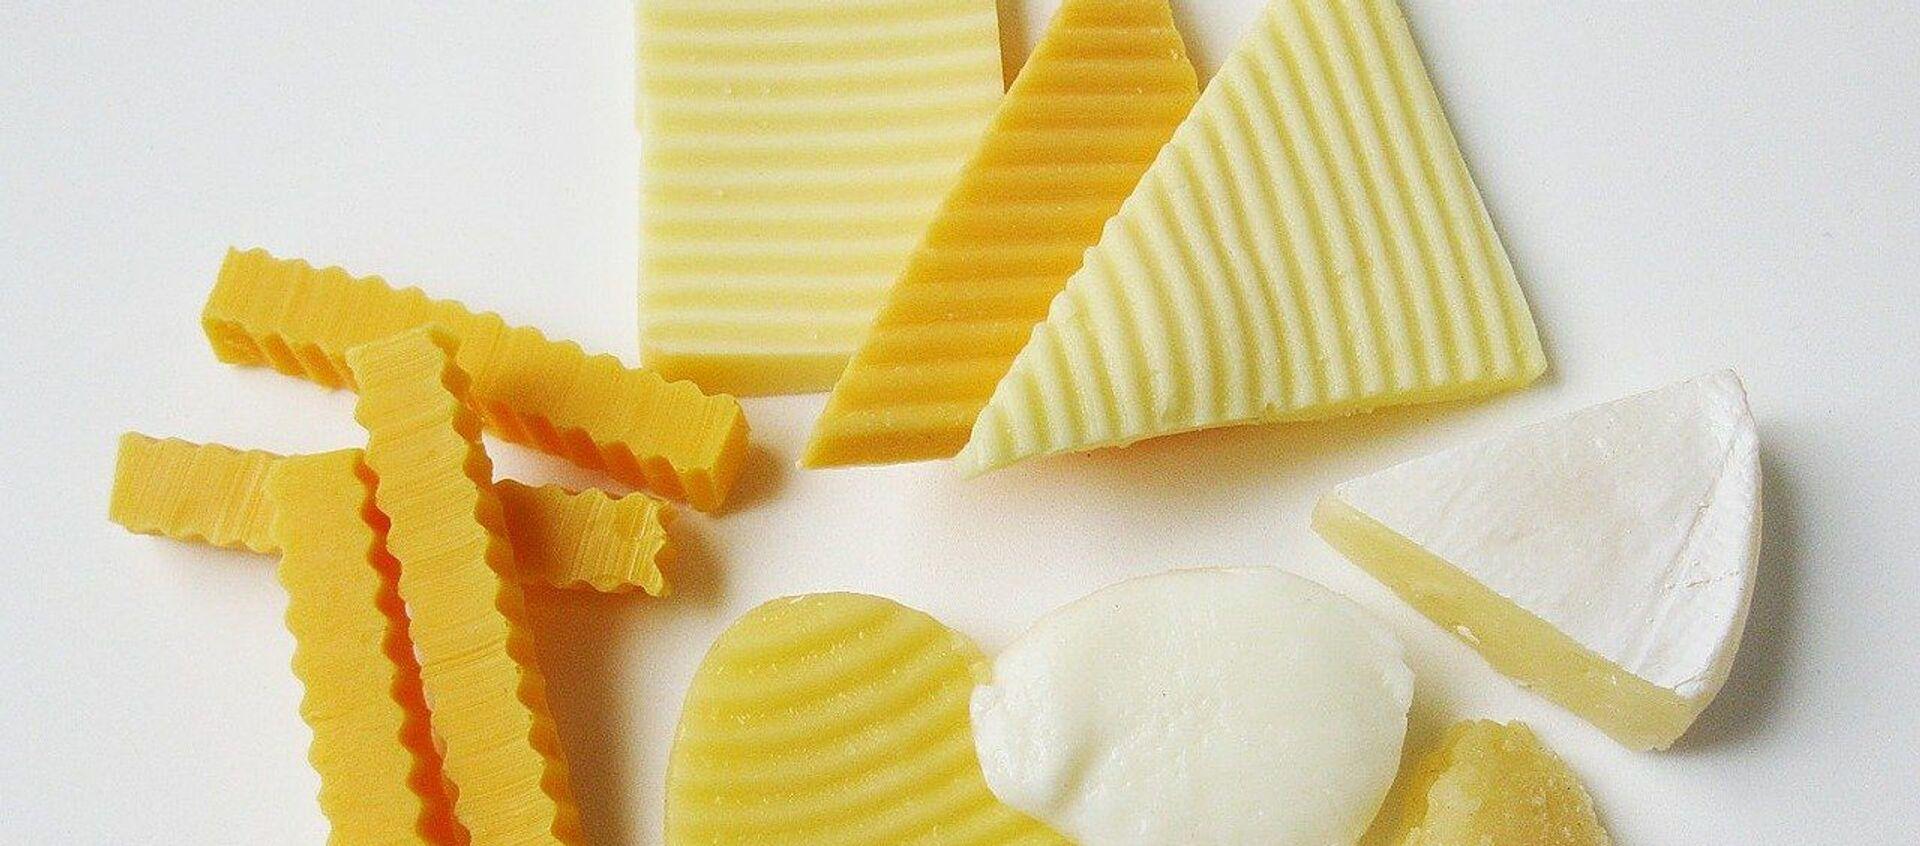 variedades de quesos - Sputnik Mundo, 1920, 10.12.2020